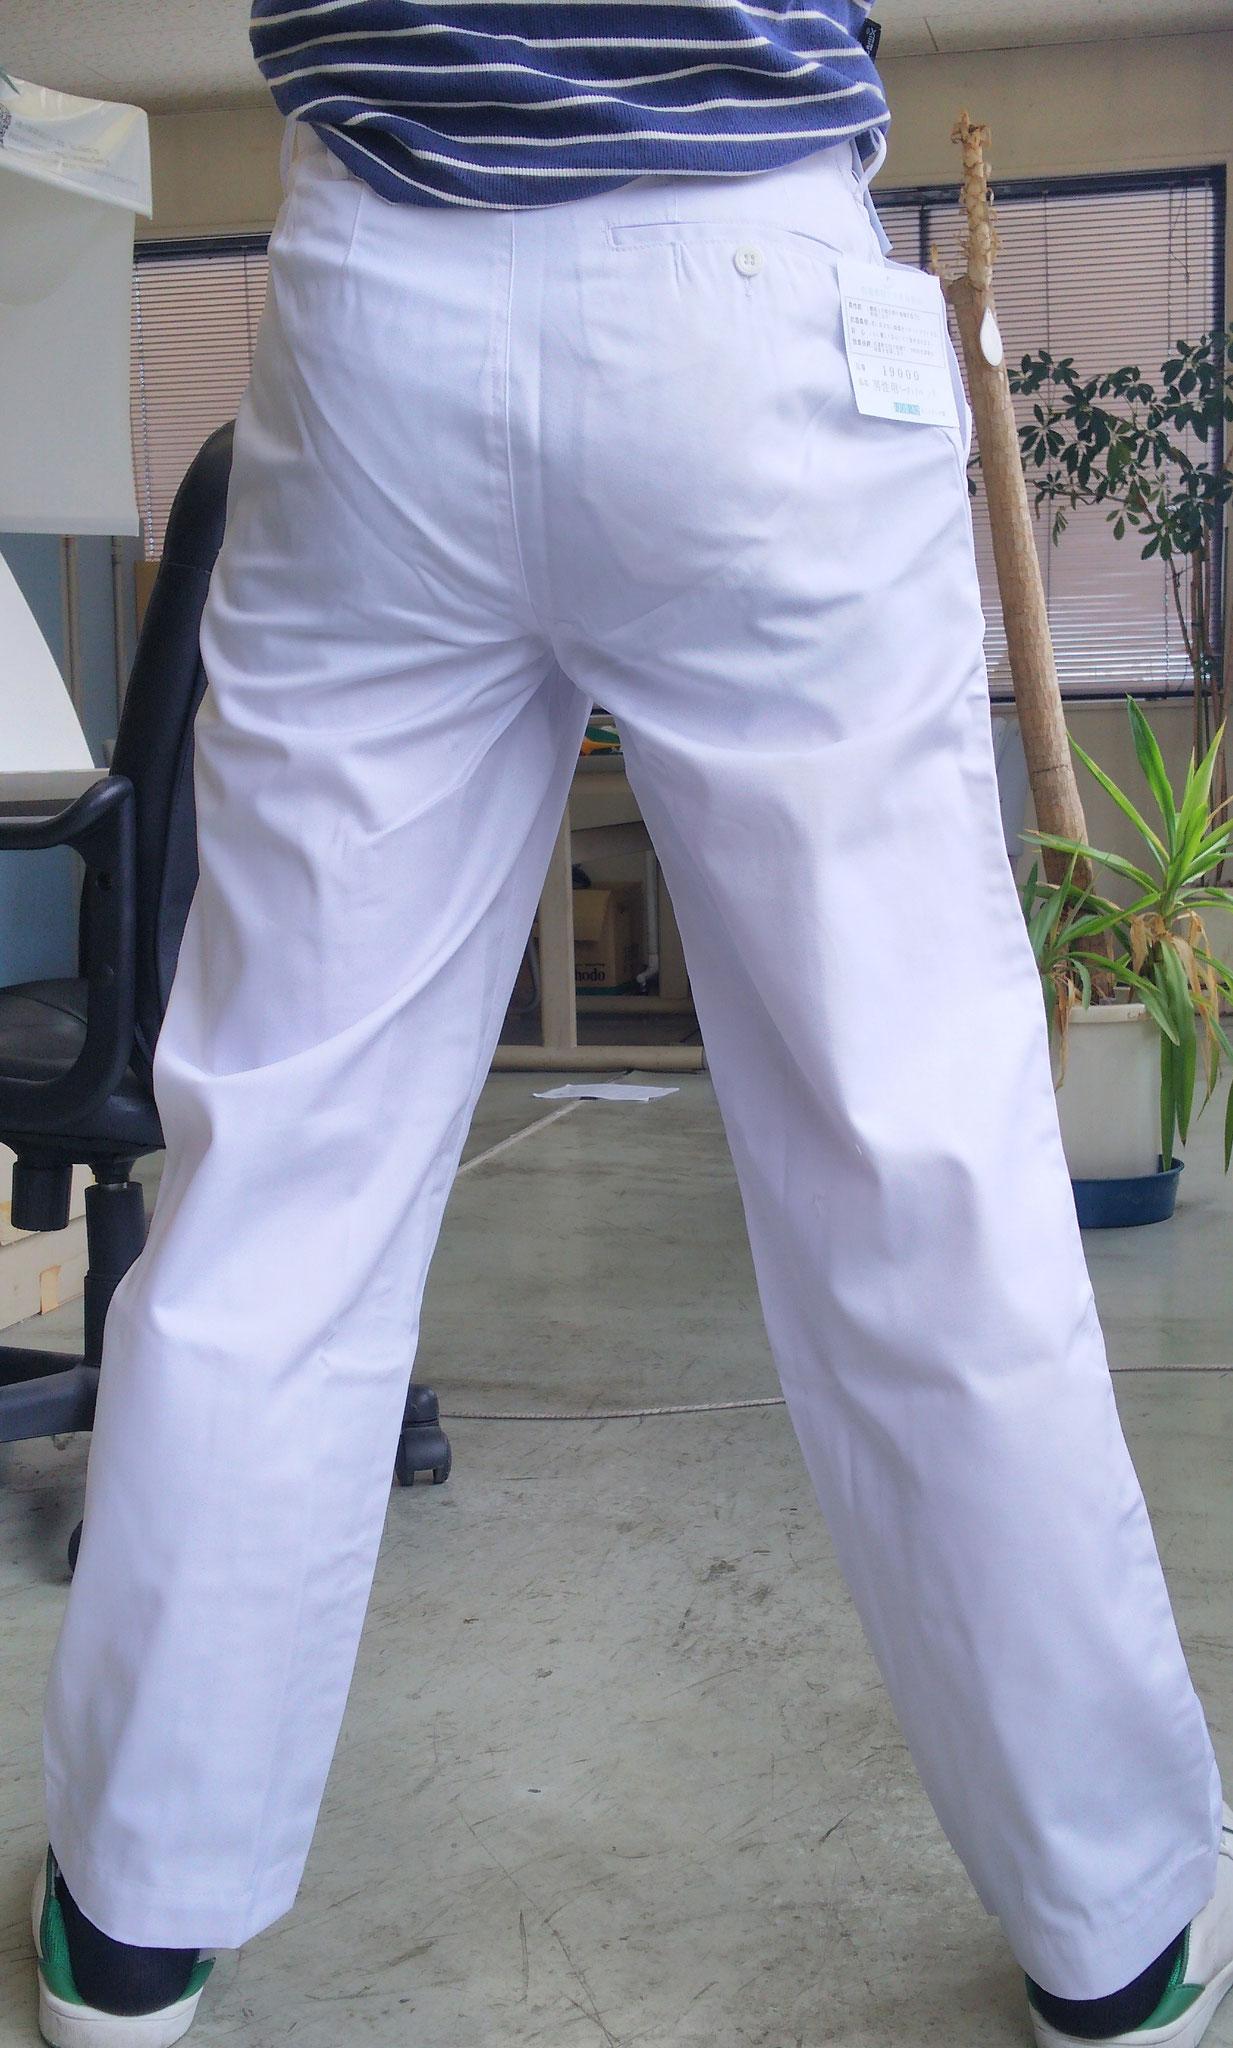 祭り用白ズボン 素材はポリエステル65%・綿35%で、サラッとしています。